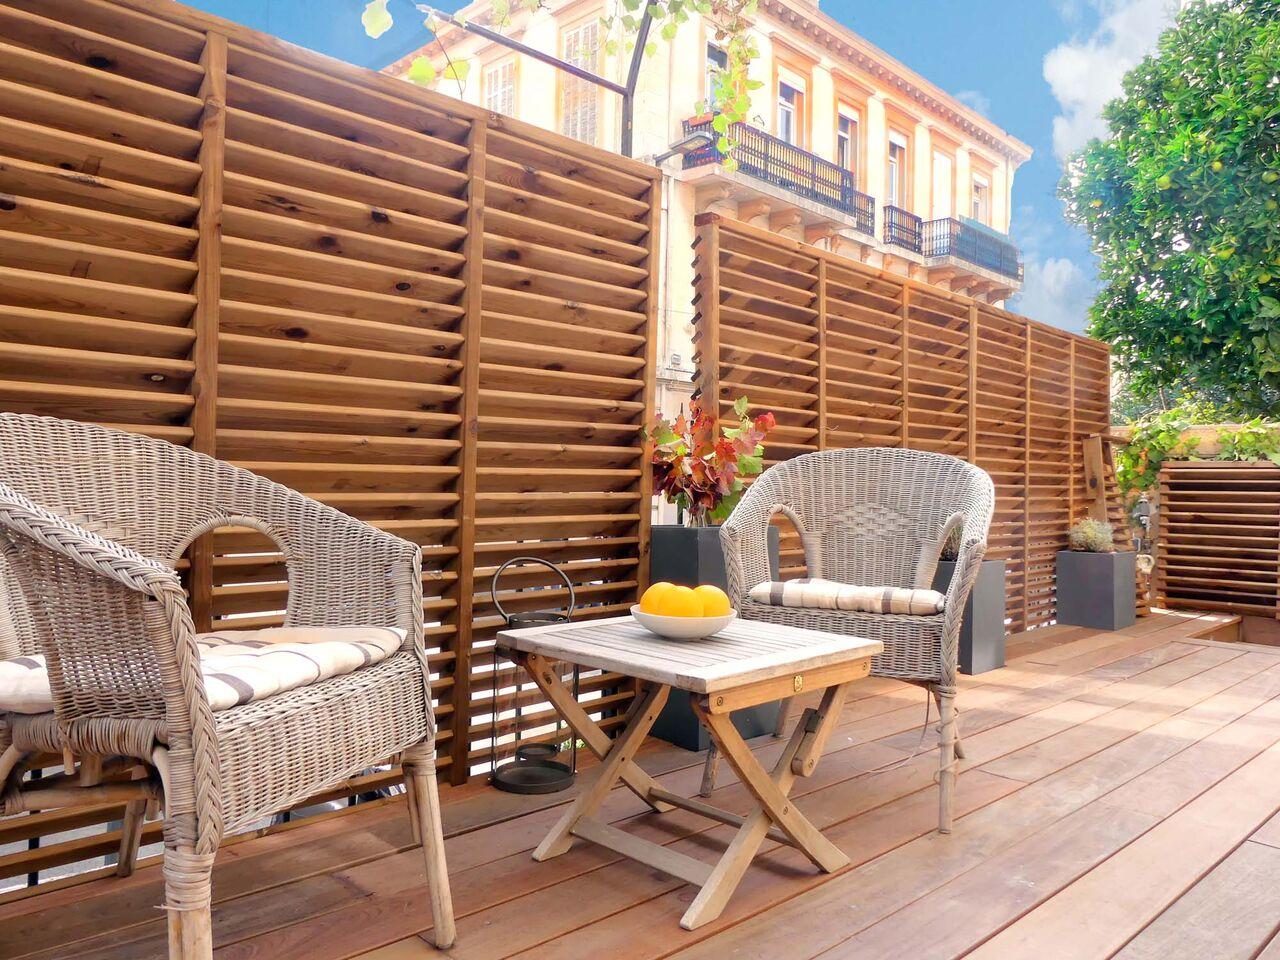 Fauteuils en osier sur terrasse en bois - Villa Marceau